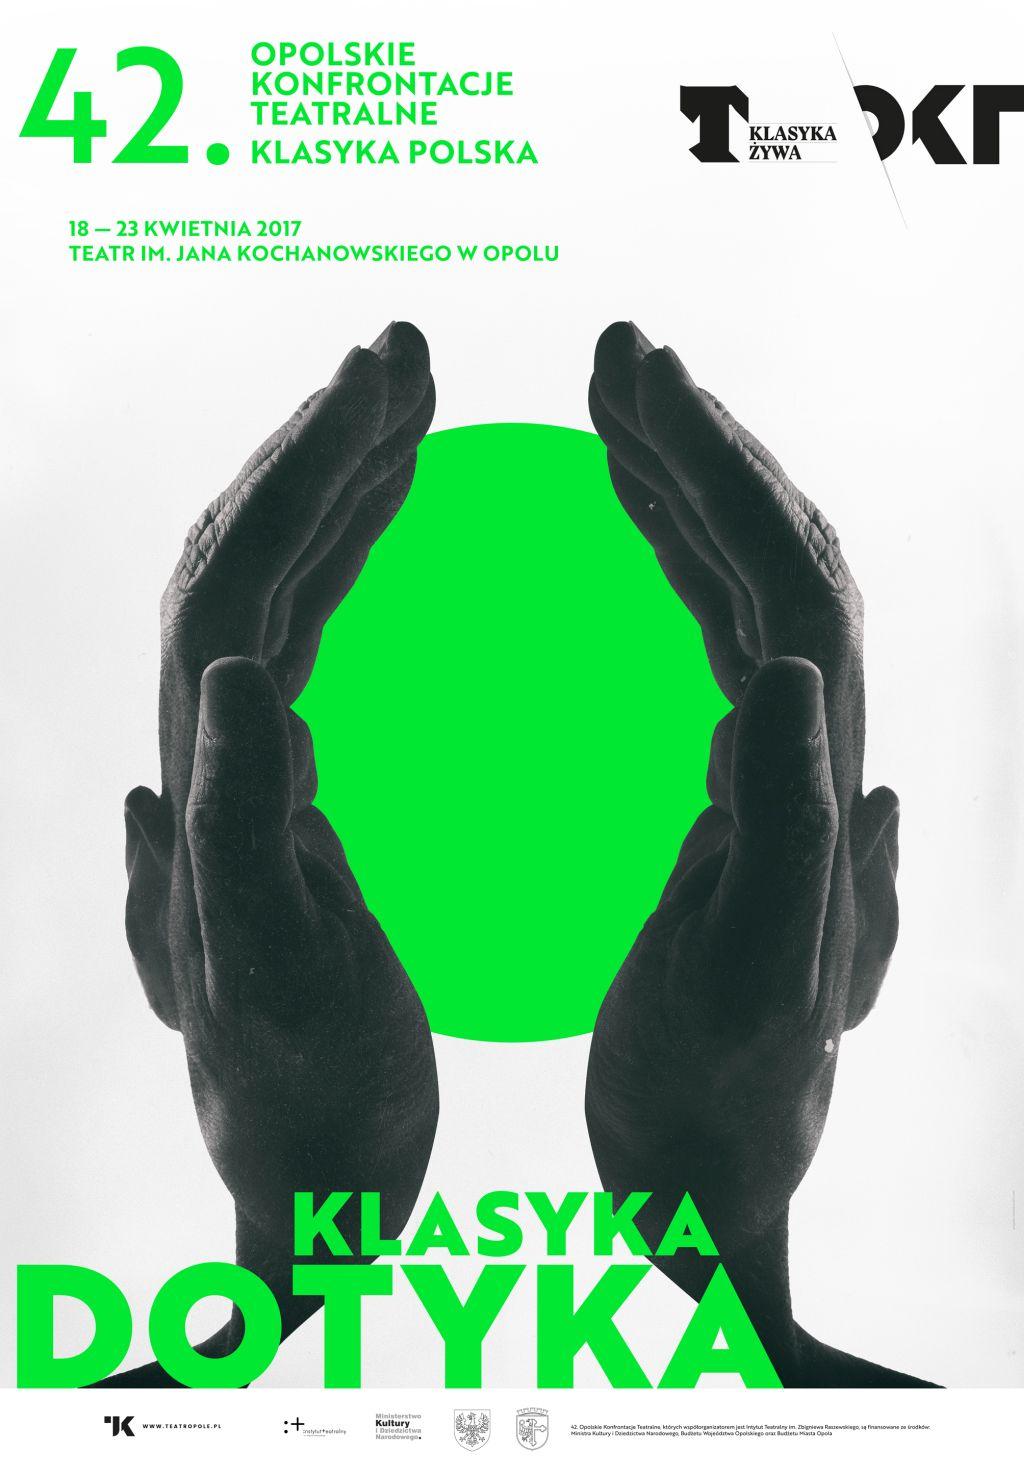 """42. Opolskie Konfrontacje Teatralne """"Klasyka Polska"""" (źródło: materiały prasowe organizatora)"""